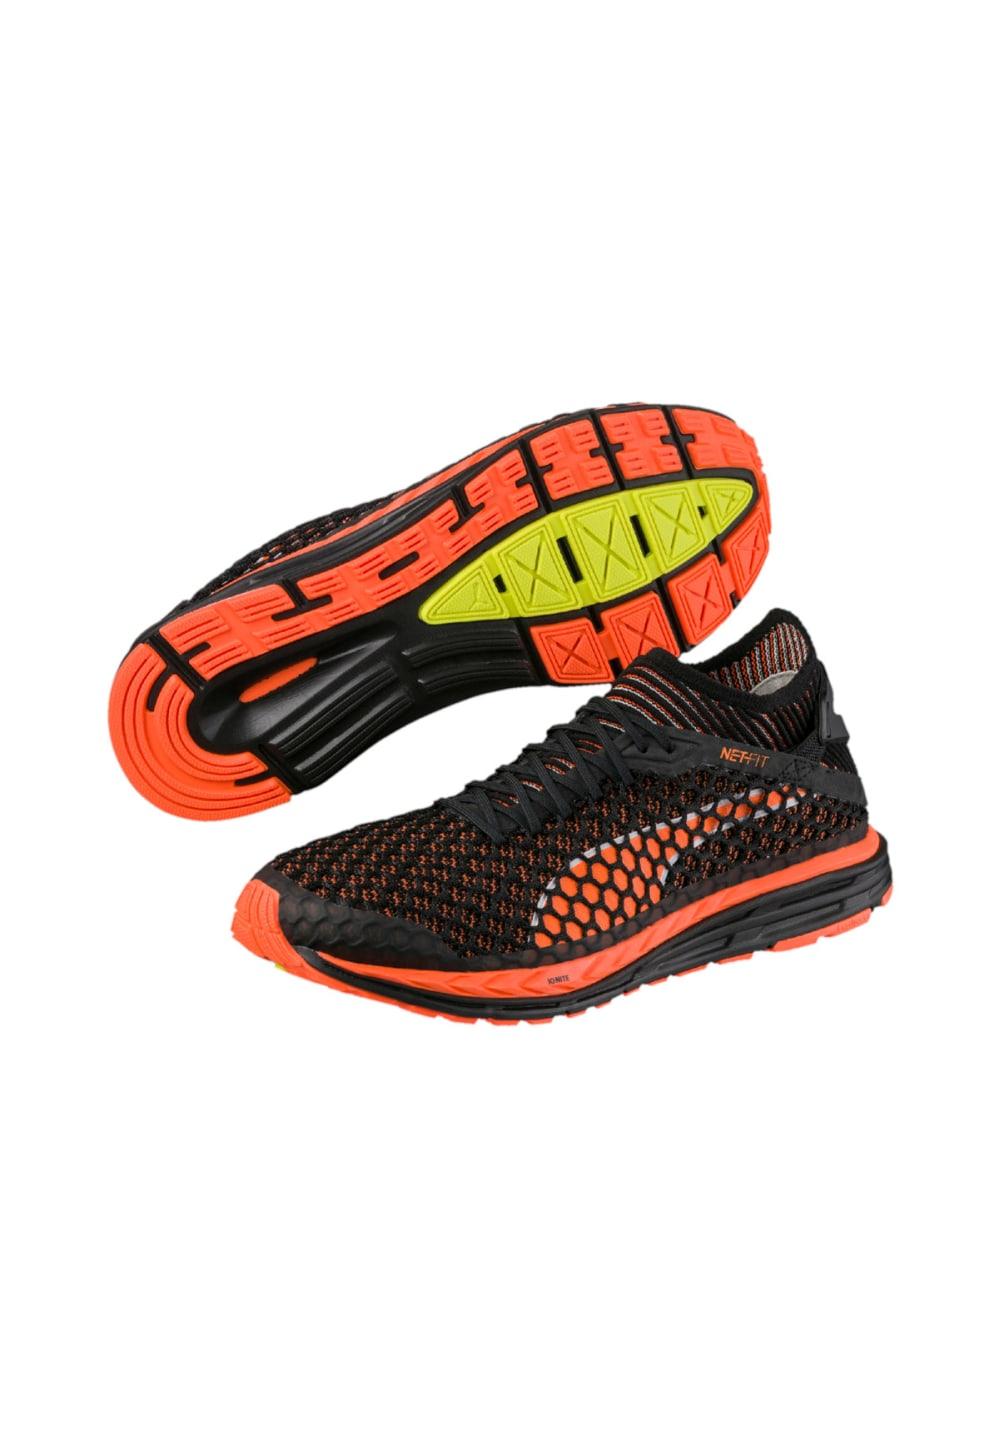 Zapatillas de running de hombre IGNITE NETFIT